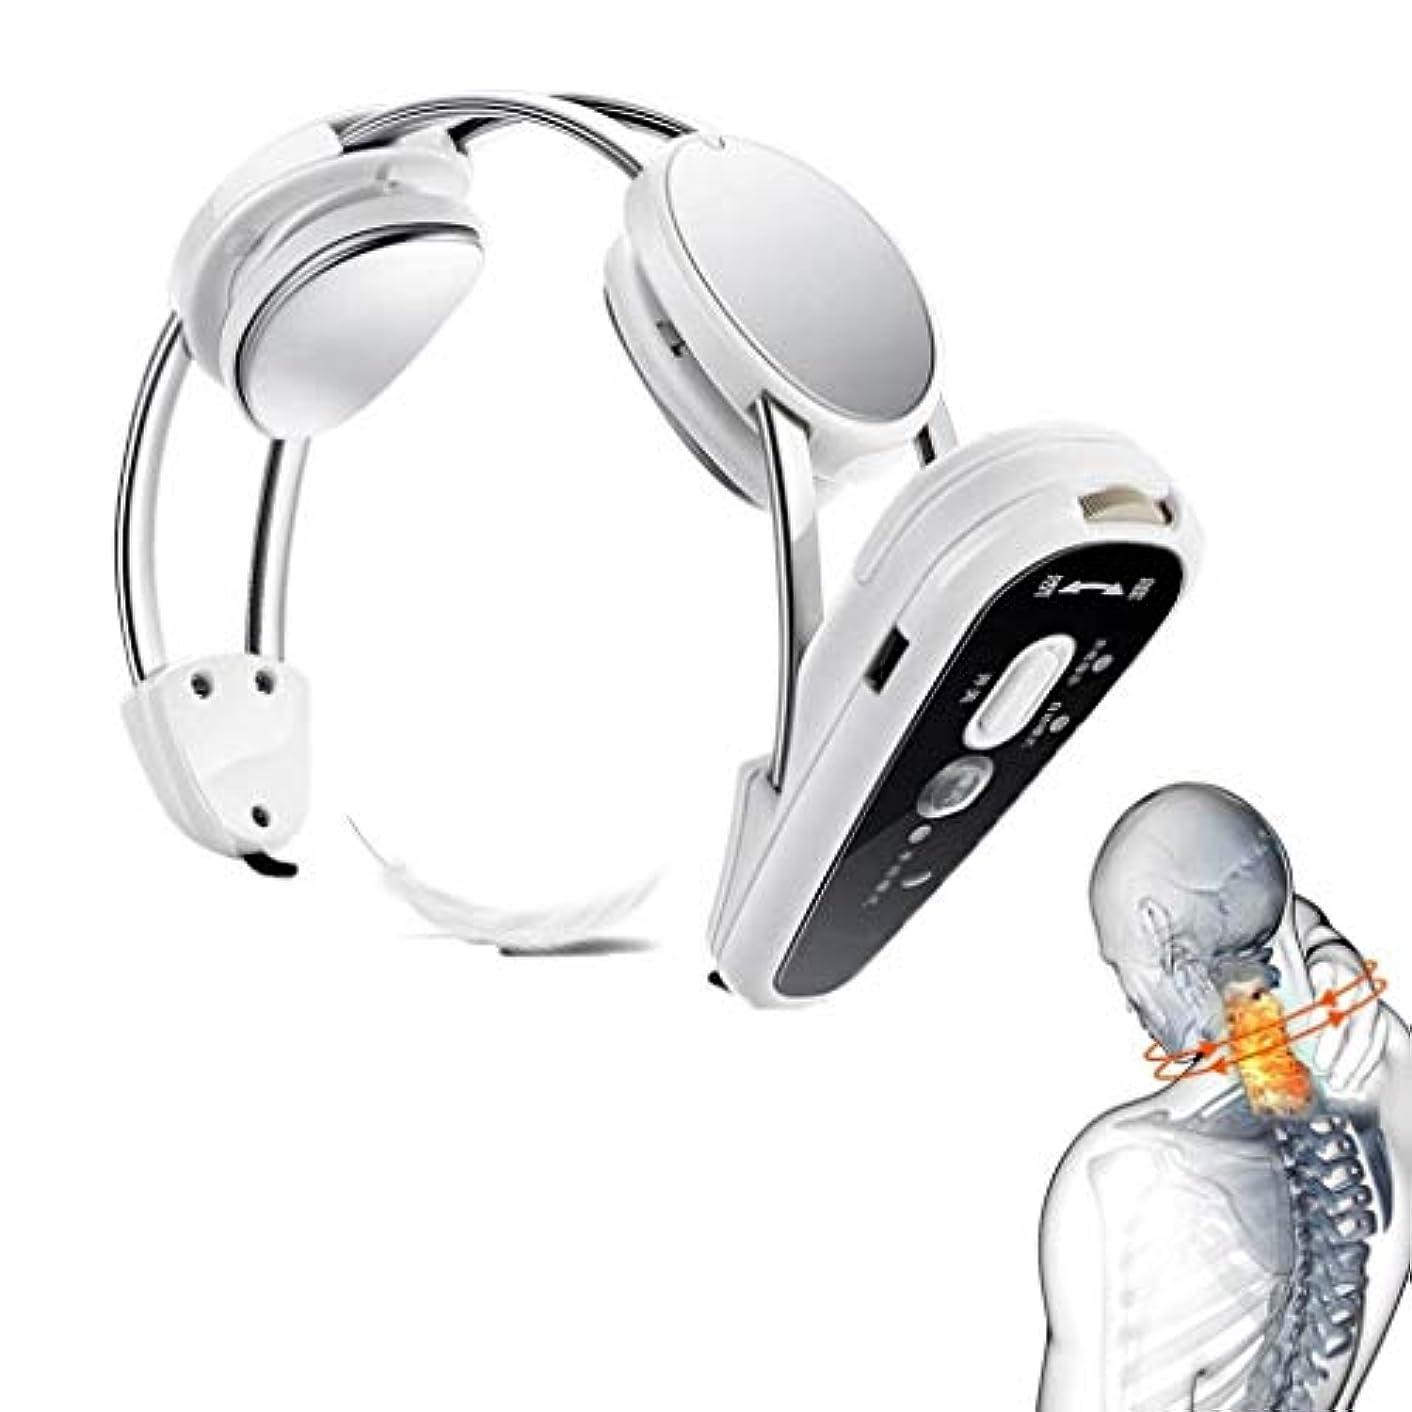 降伏眩惑する純粋に熱くするUSB??充満の電気首のマッサージャーは筋肉痛を取り除き、慢性的な首の苦痛を取り除きます、家、オフィス/車/家のポータブル